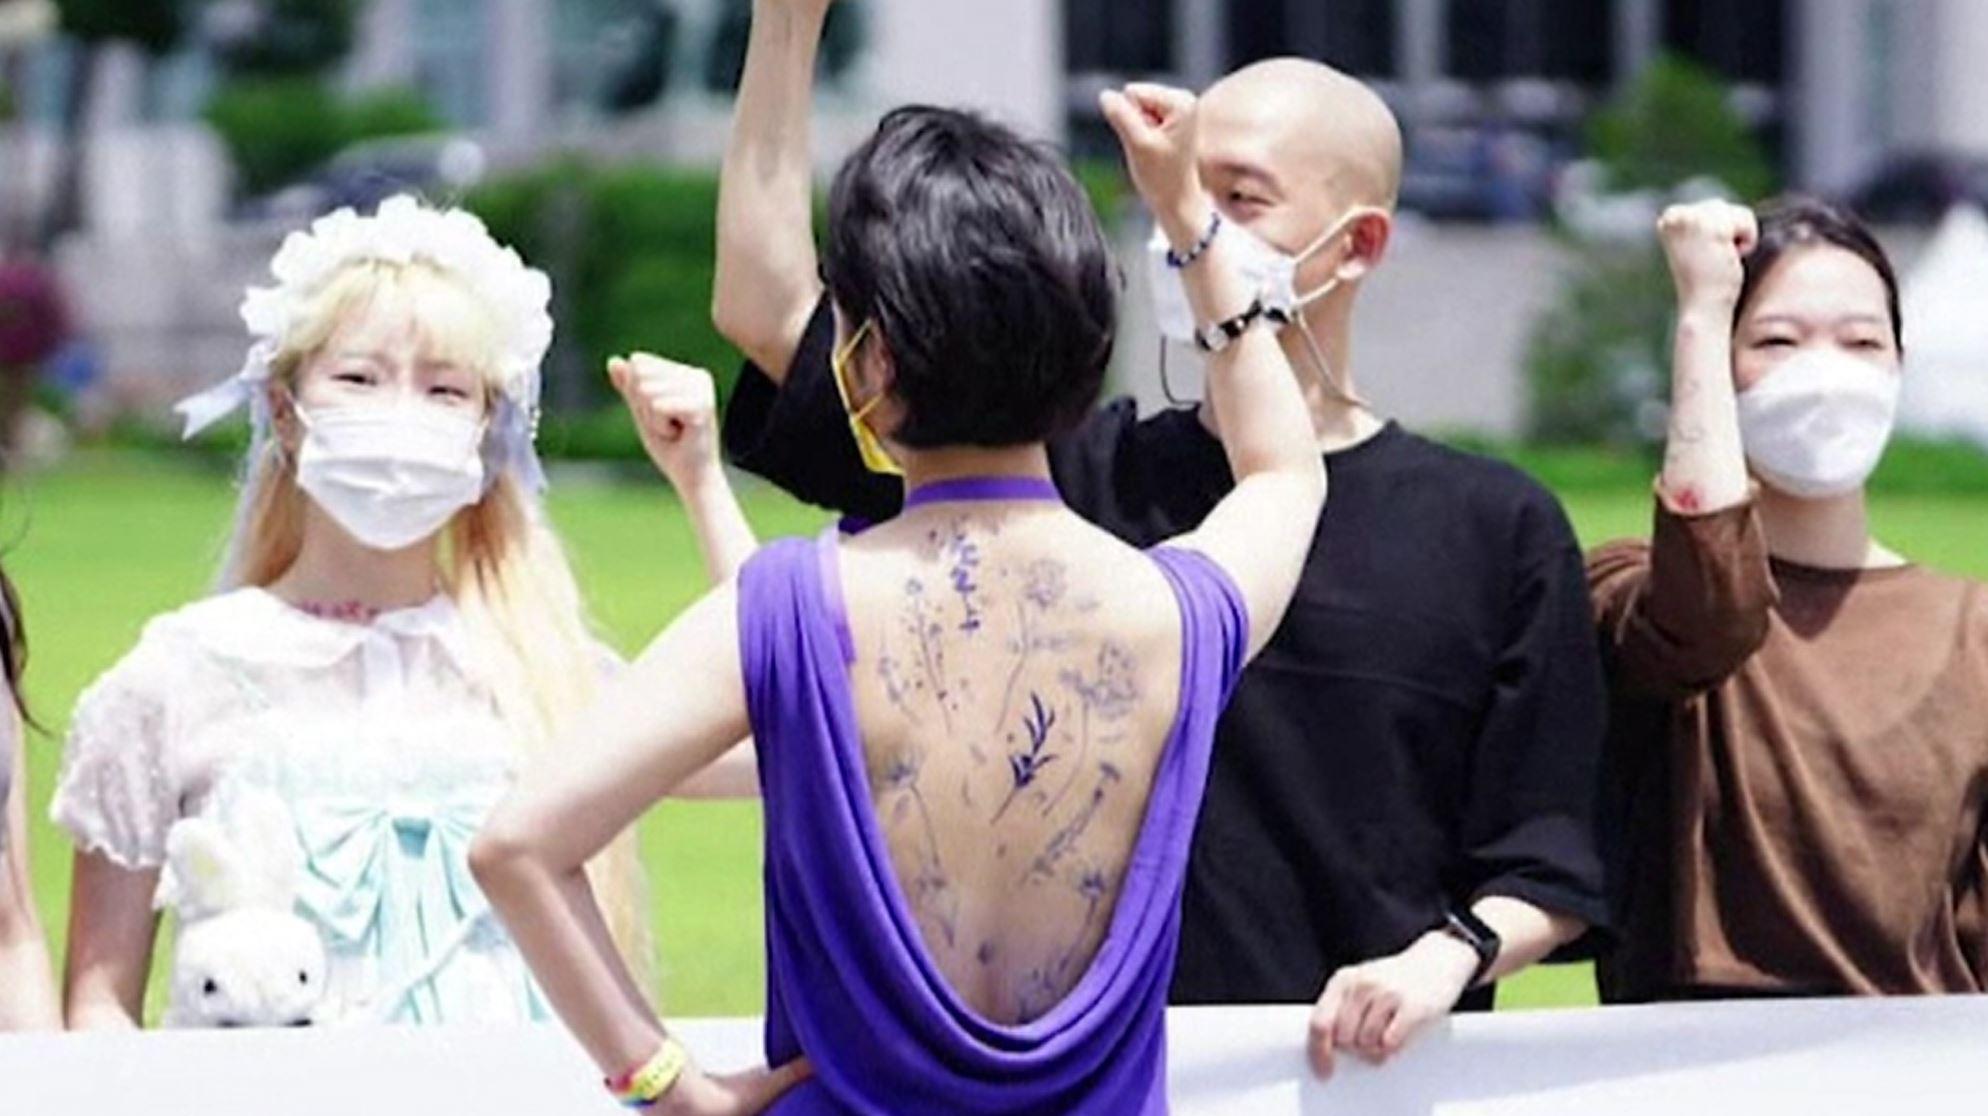 Țara unde tatuarea este interzisă prin lege. Artiștii lucrează pe ascuns, iar dacă sunt prinși riscă închisoarea